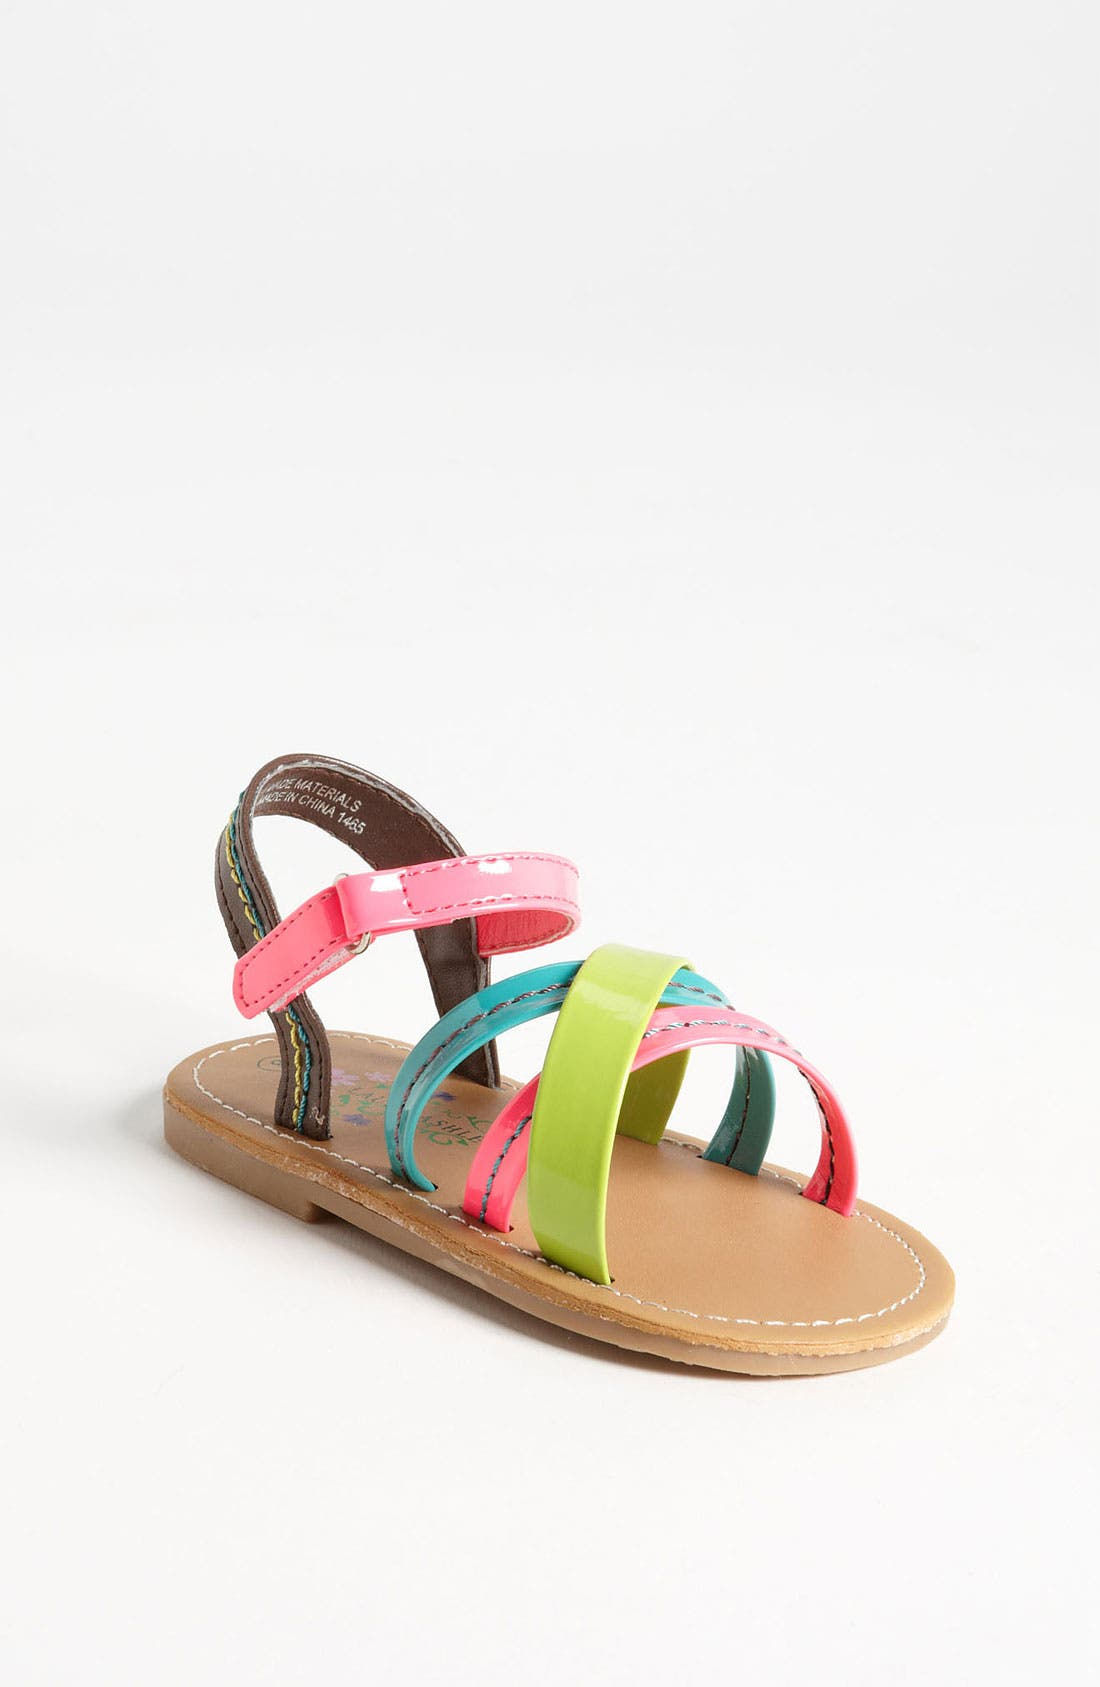 Alternate Image 1 Selected - Laura Ashley 'Neon' Sandal (Walker & Toddler)